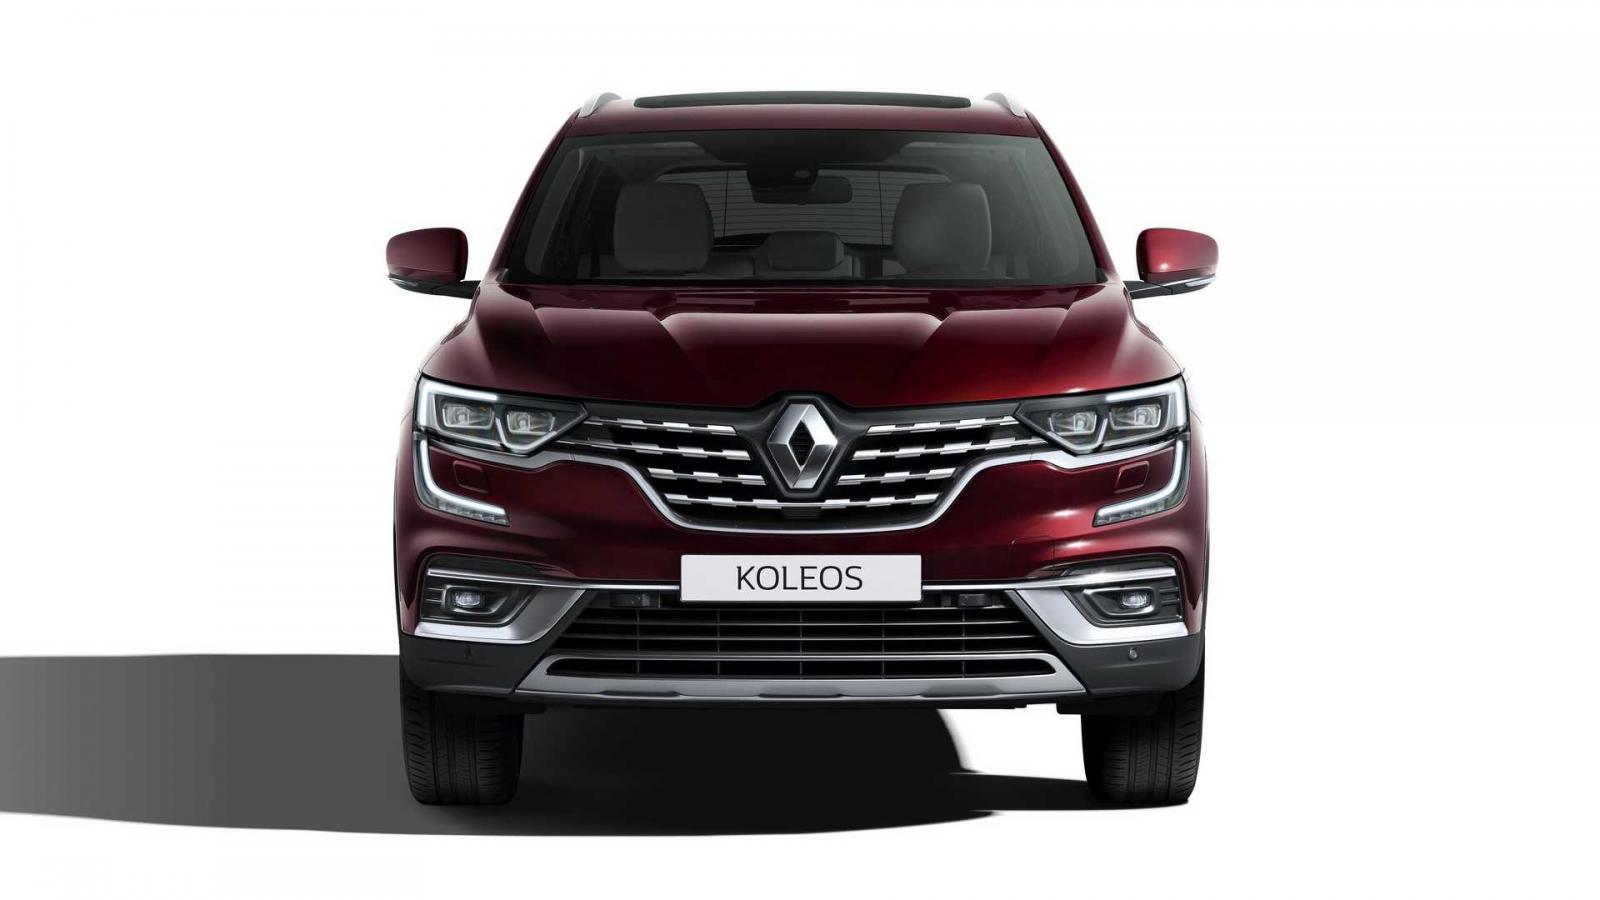 La Renault Koleos 2020 sufrió ligeros cambios estéticos en el exterior